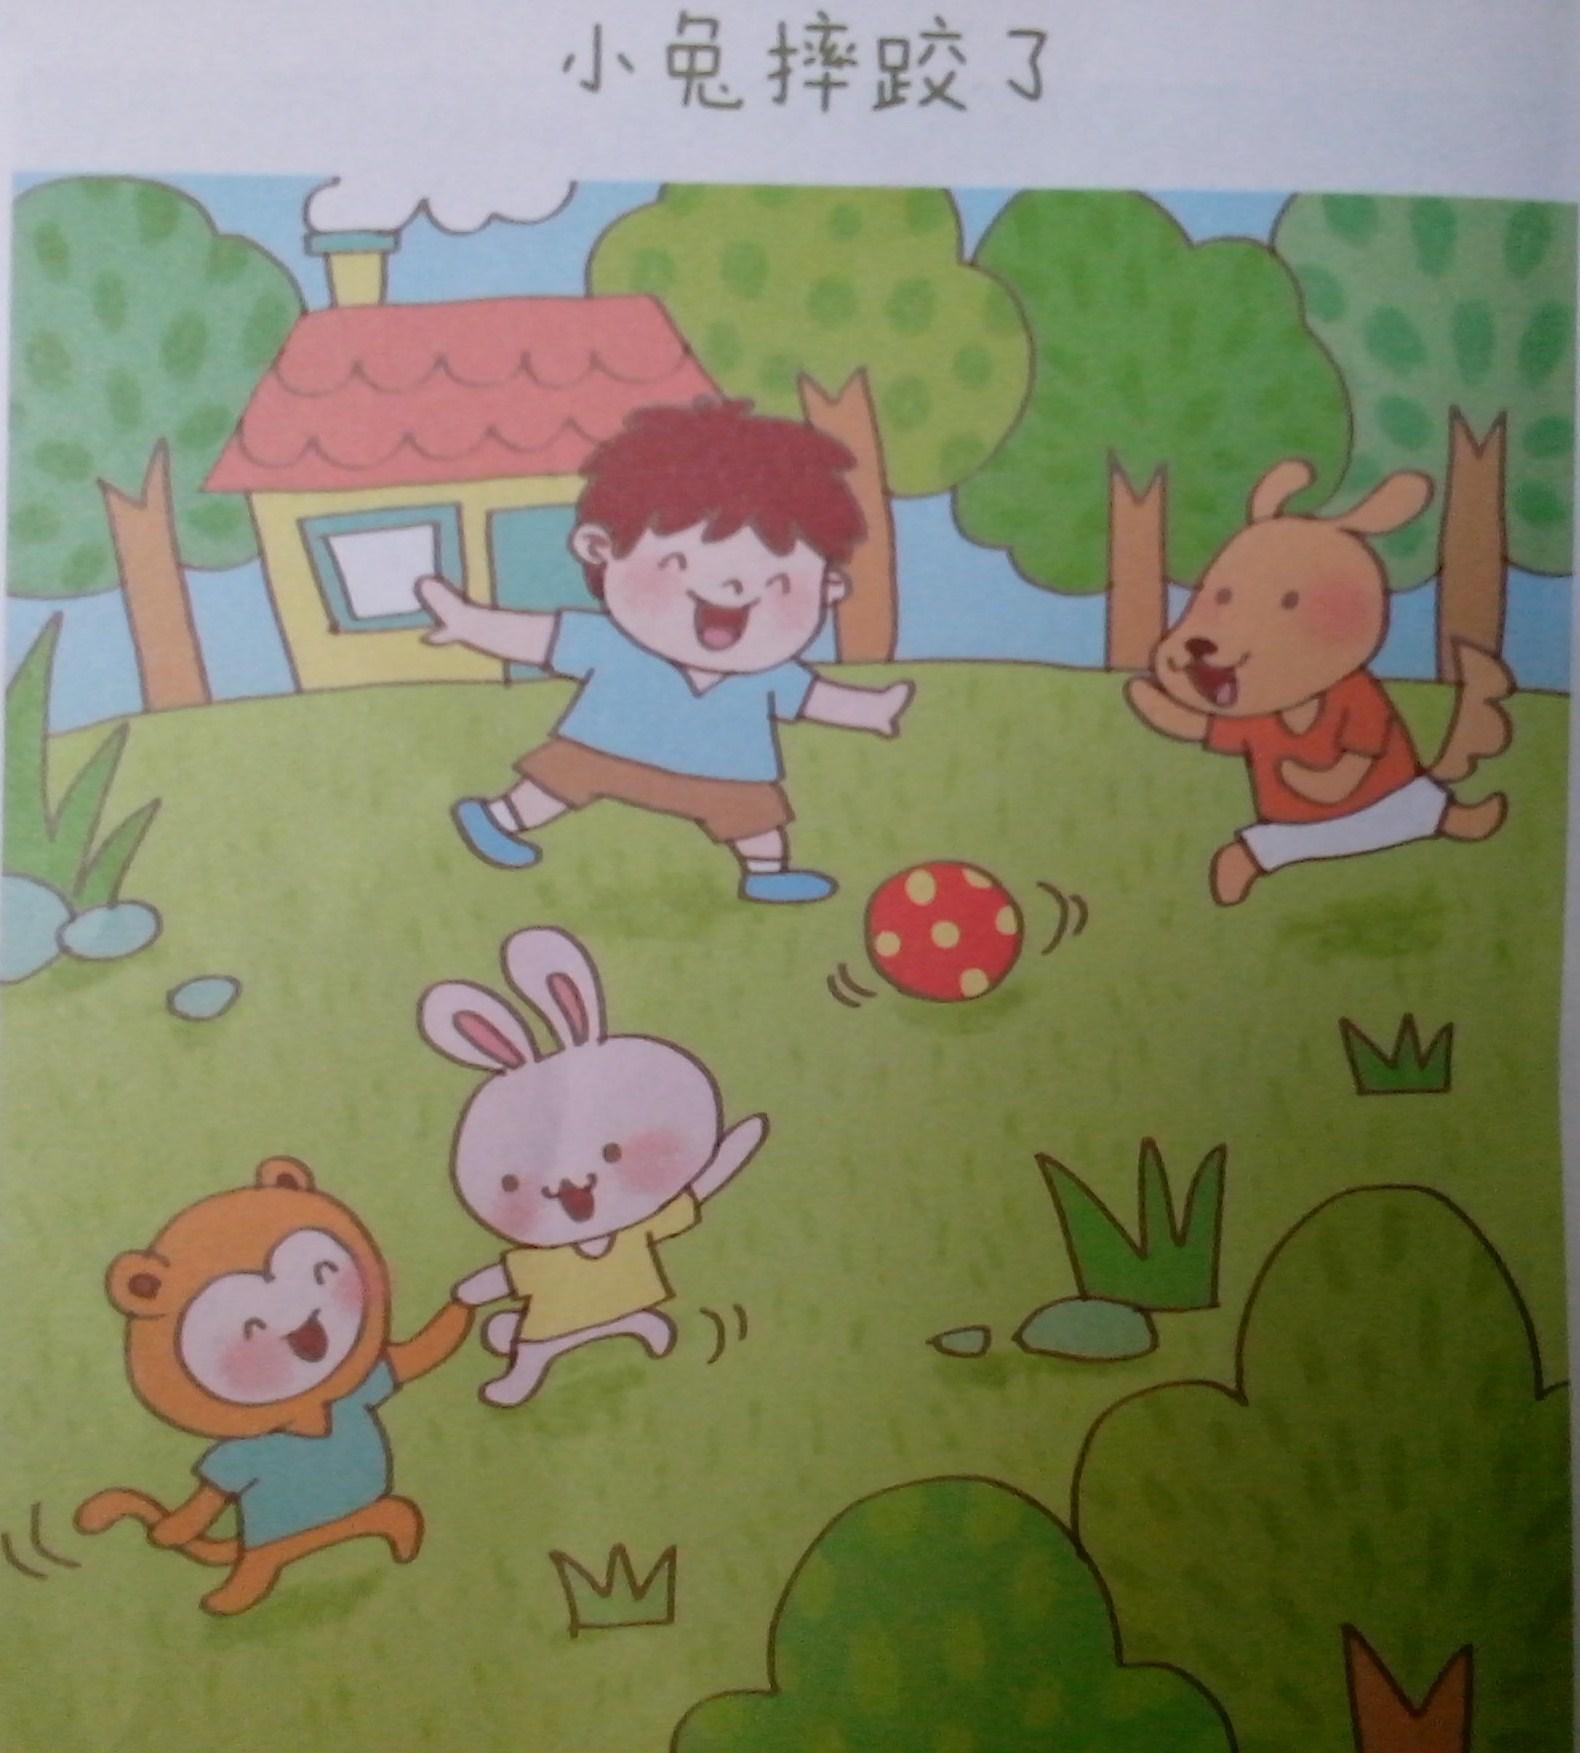 幼儿园小朋友讲故事; 图片